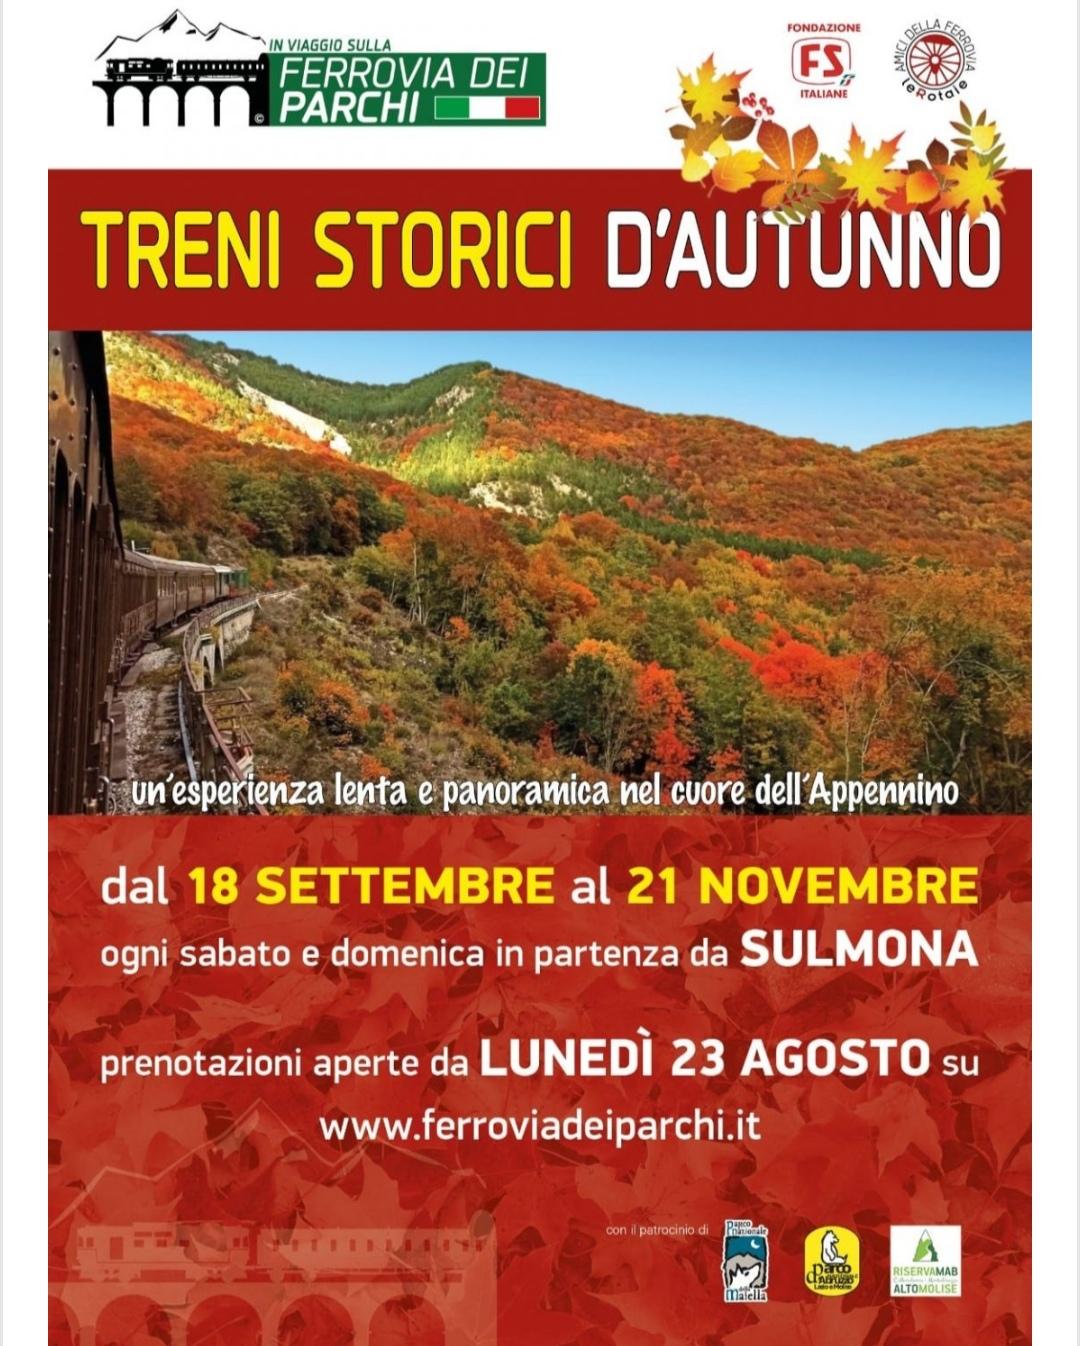 treno storico - transiberiana d'italia